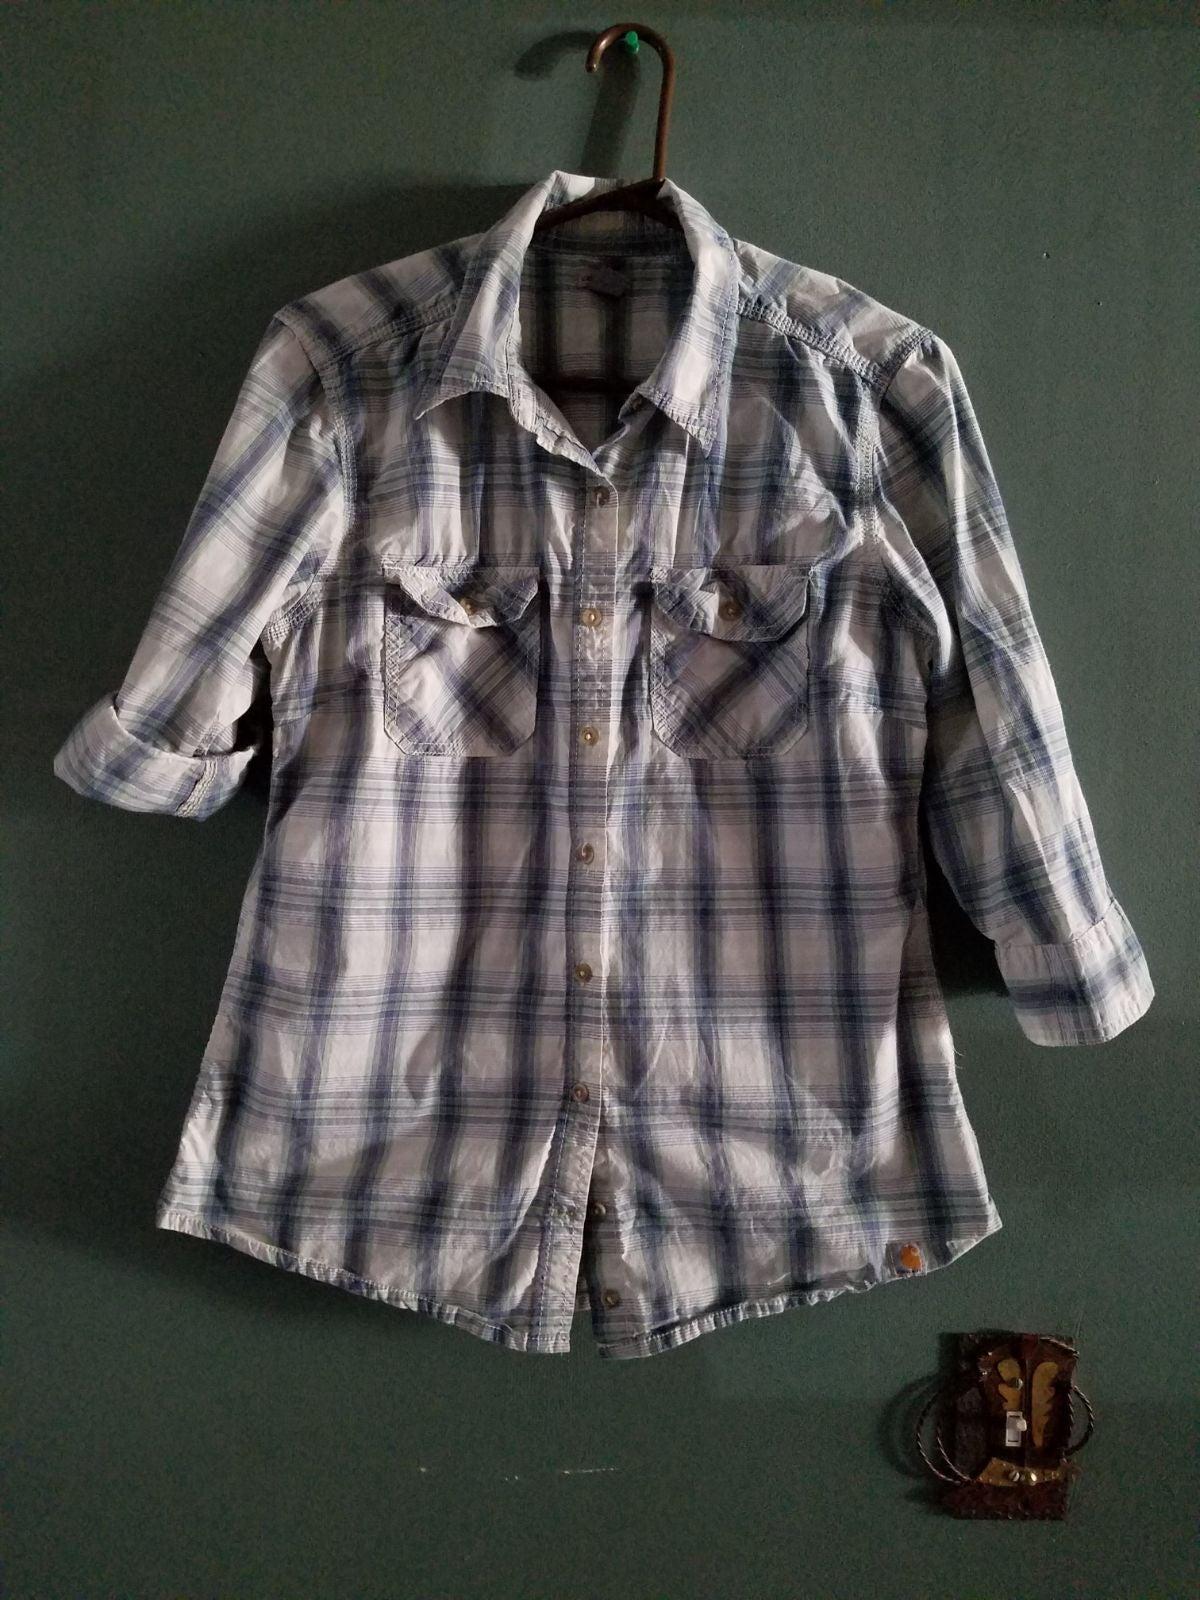 Womens carhartt button up blouse